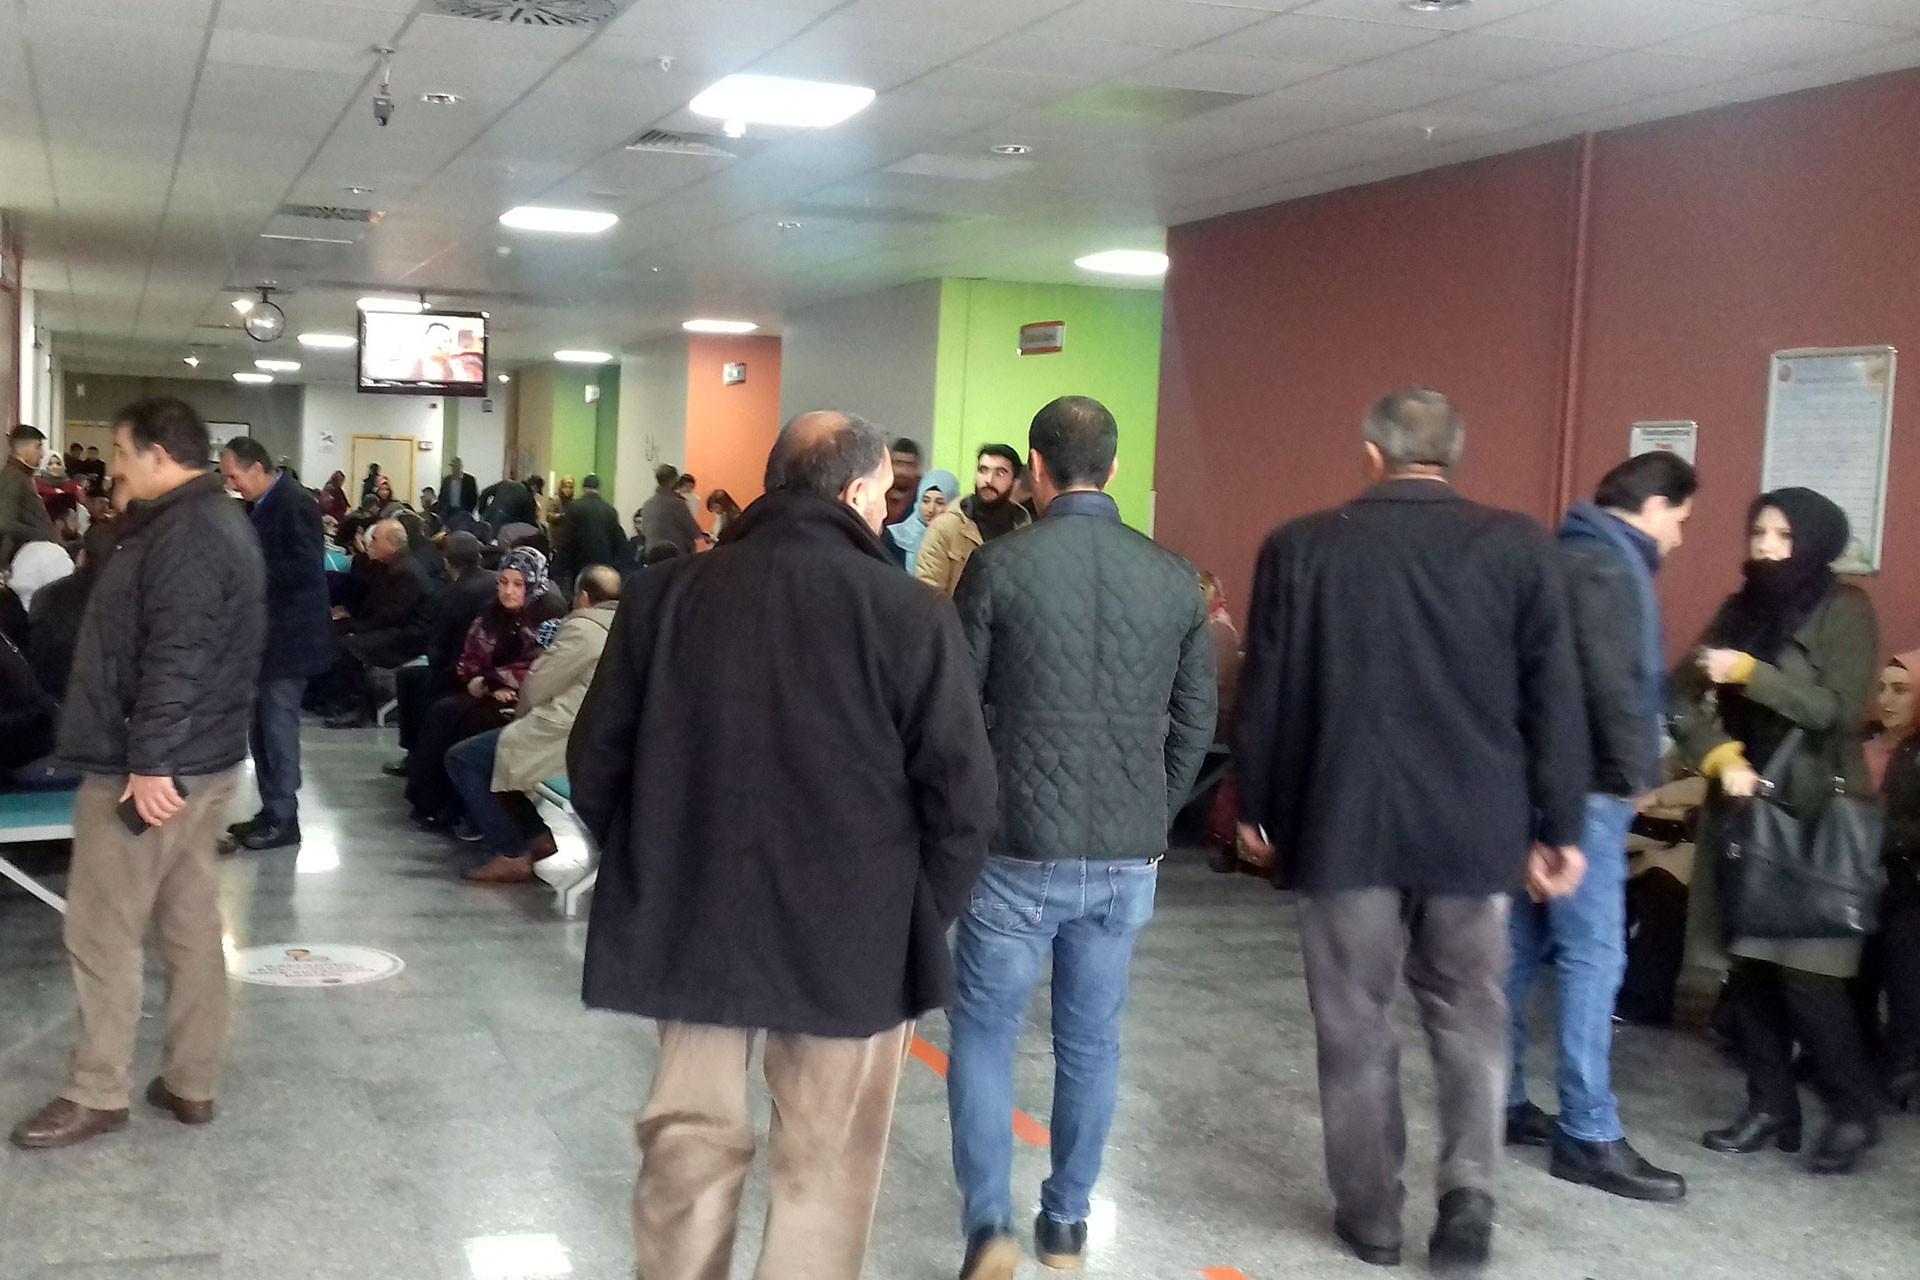 Van Yüzüncü Yıl Üniversitesi hastanesinde sıra bekleyen hastalar